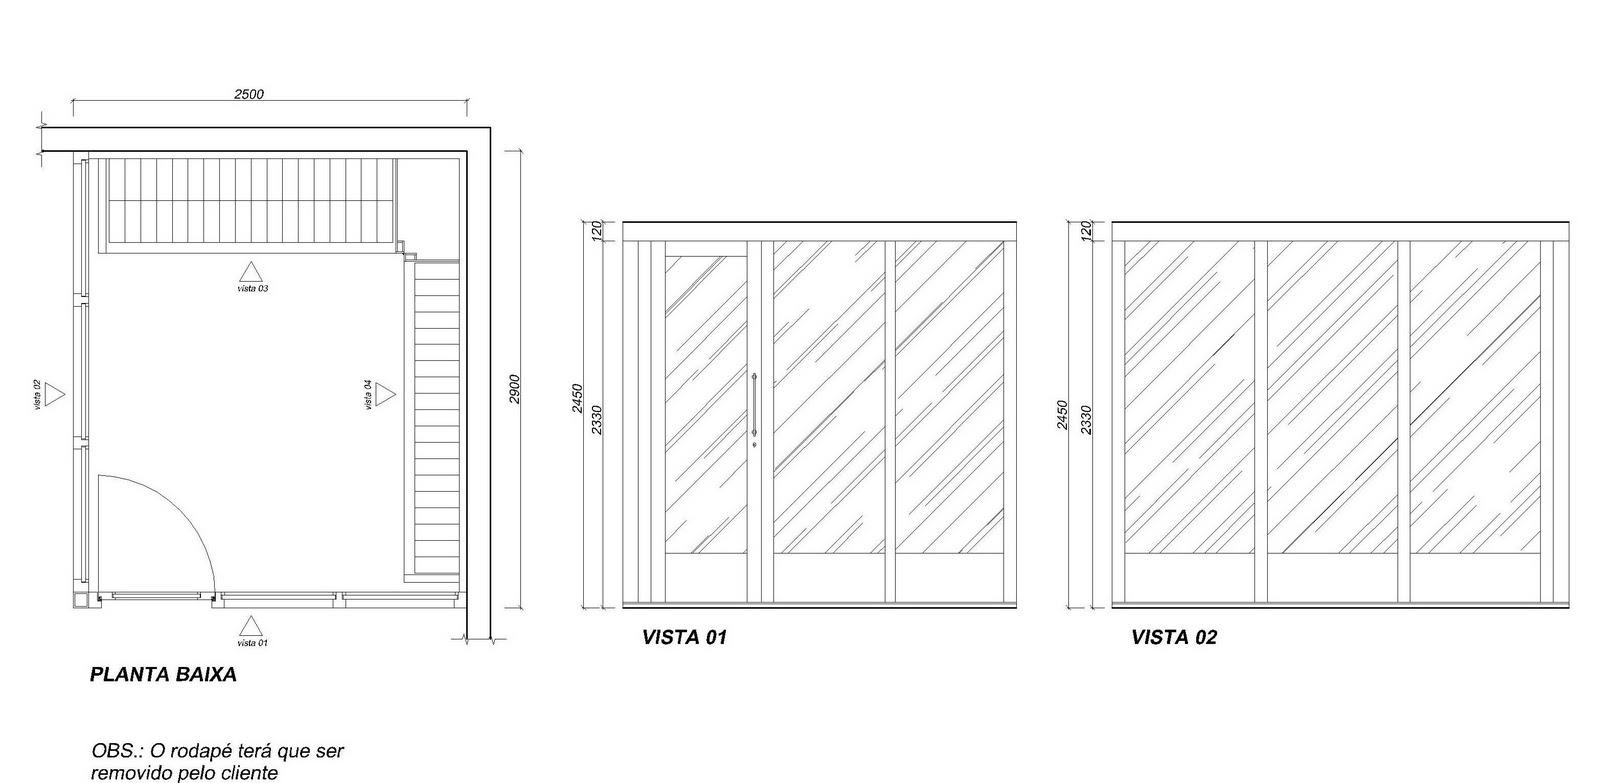 Nayara Macedo Arquitetura: Projeto de Adega em execução #3C3C3C 1600 783